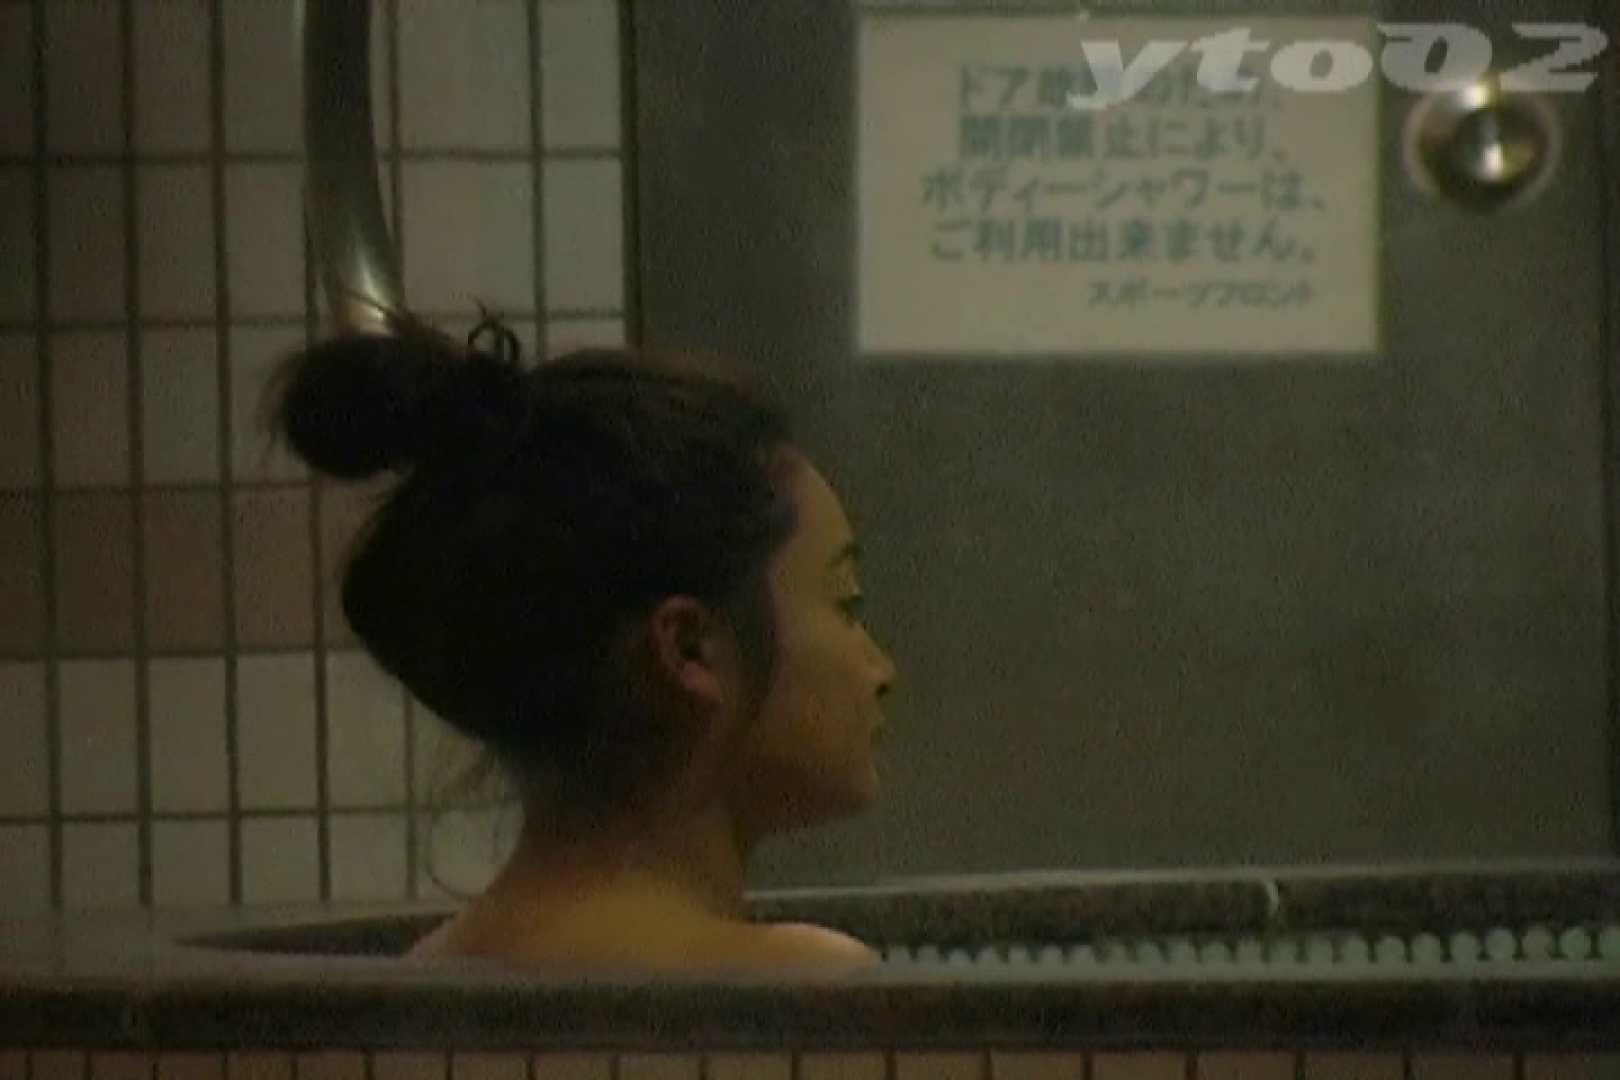 ▲復活限定▲合宿ホテル女風呂盗撮 Vol.11 合宿   盗撮エロすぎ  72連発 69